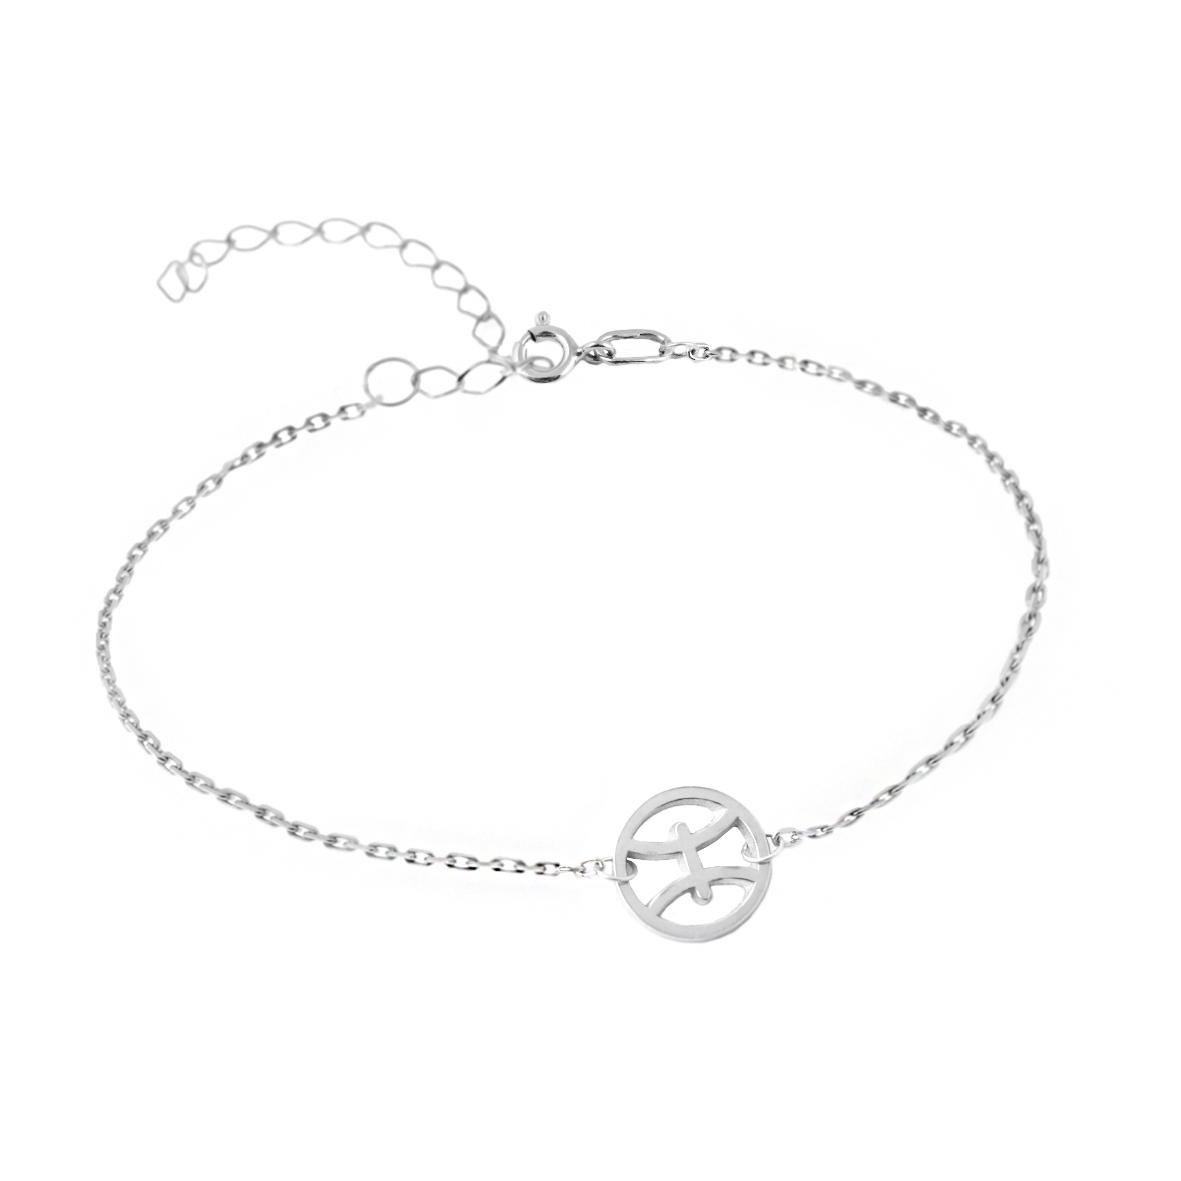 Серебряный браслет на цепочке знак зодиака рыбы